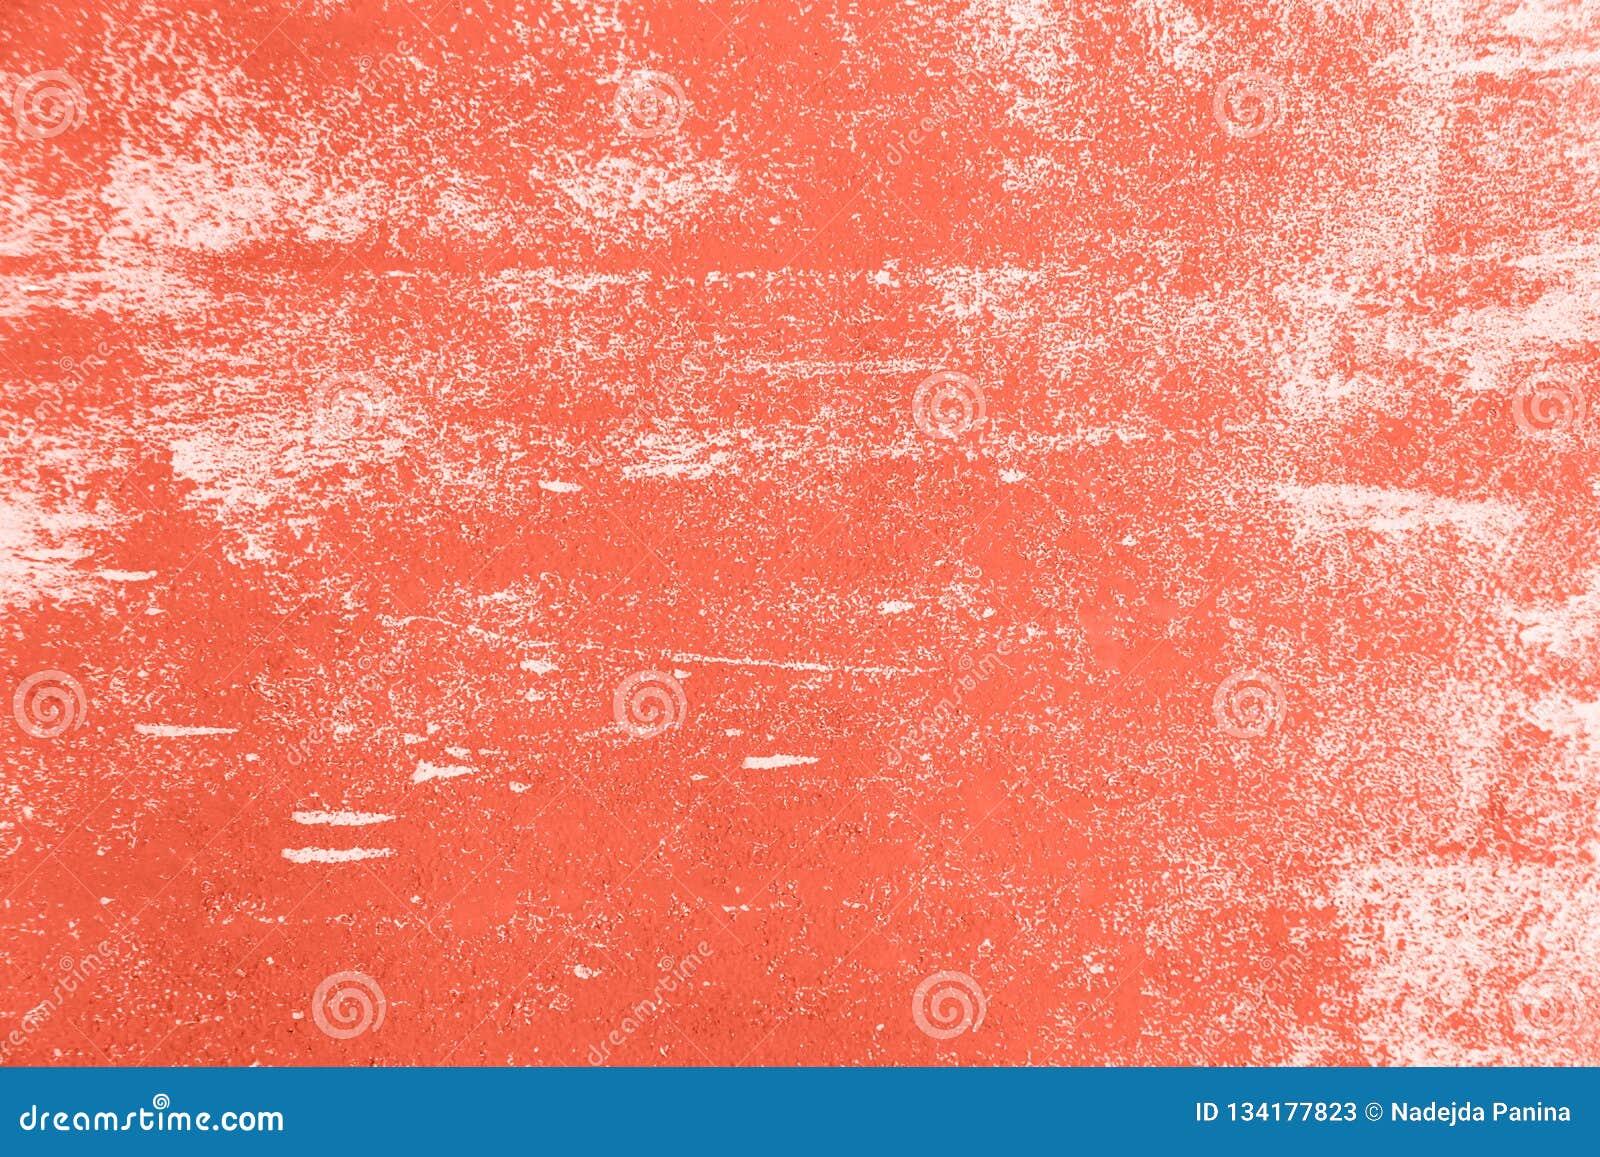 Imagenes de fondo color coral